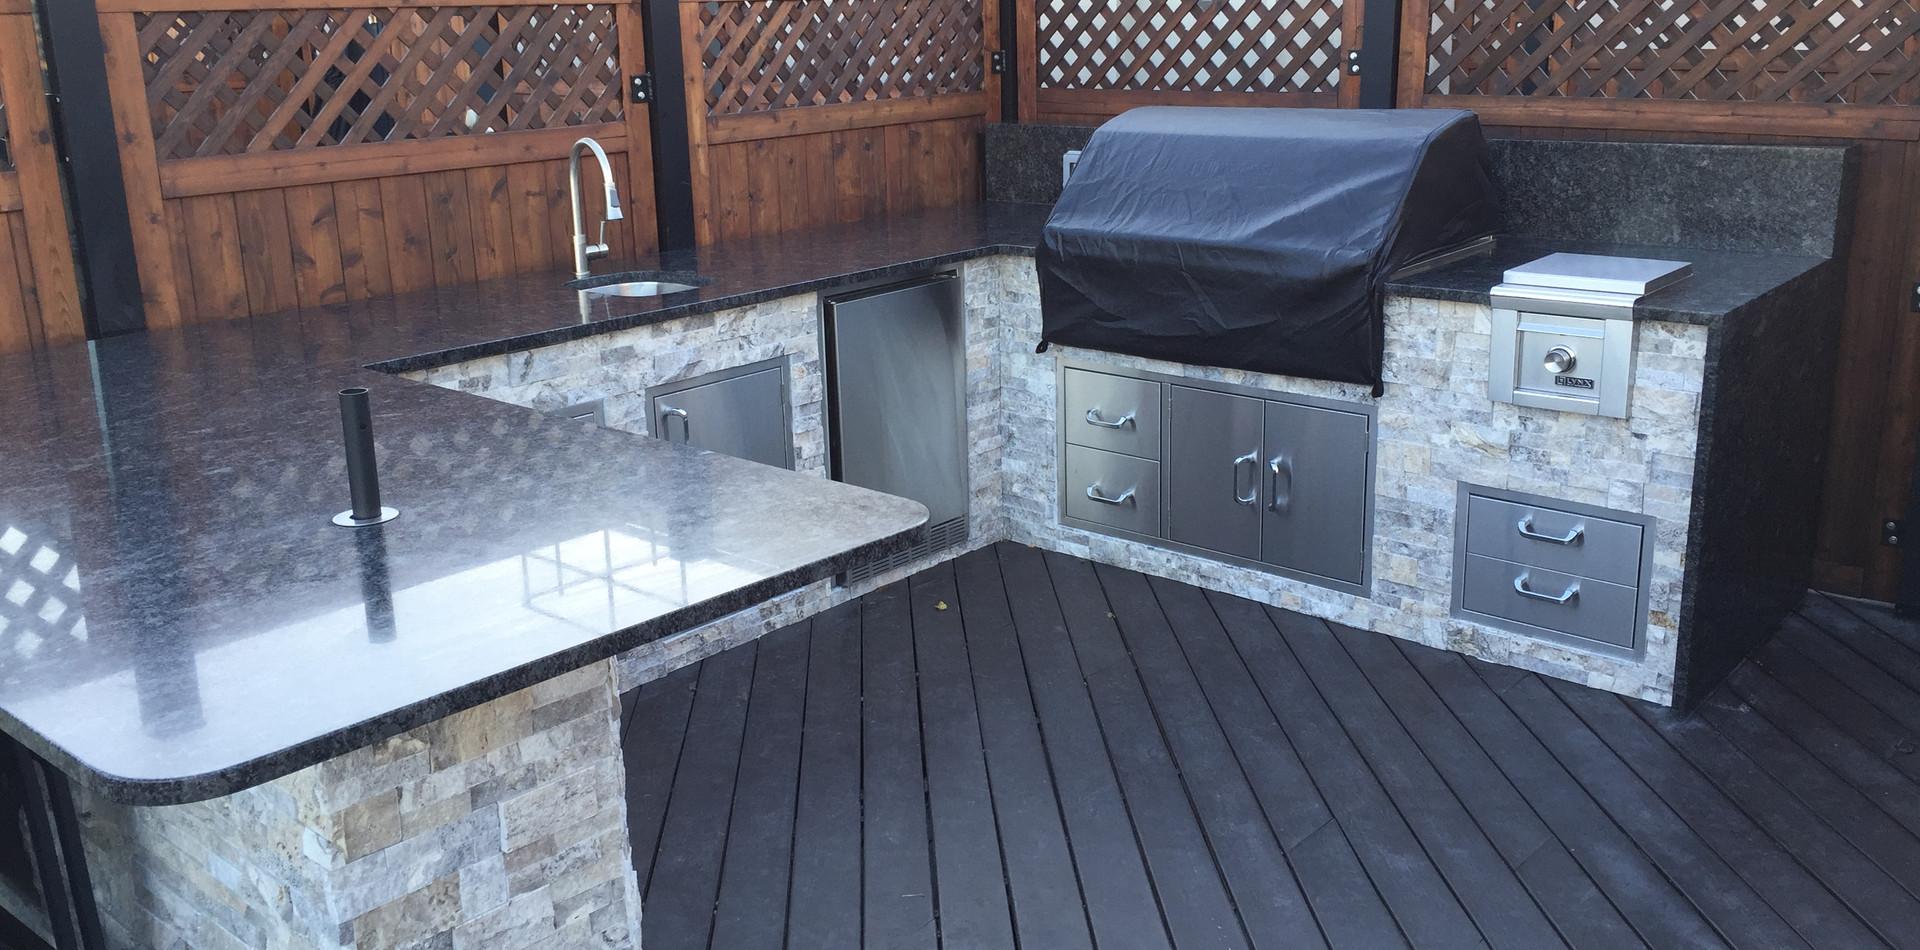 Hoboken Rooftop Kitchen